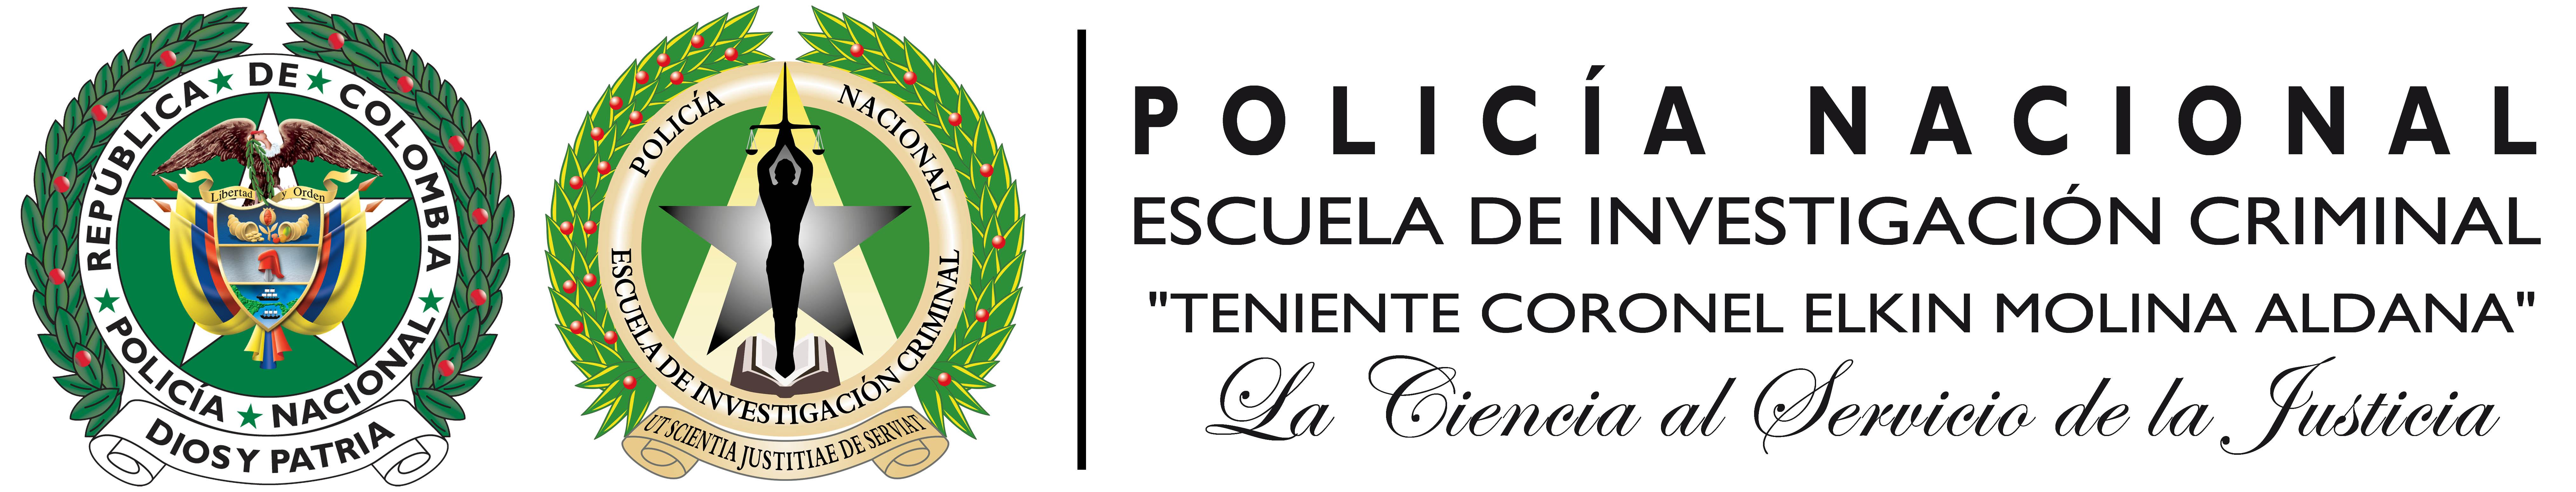 Escuela De Investigación Criminal - Policía Nacional